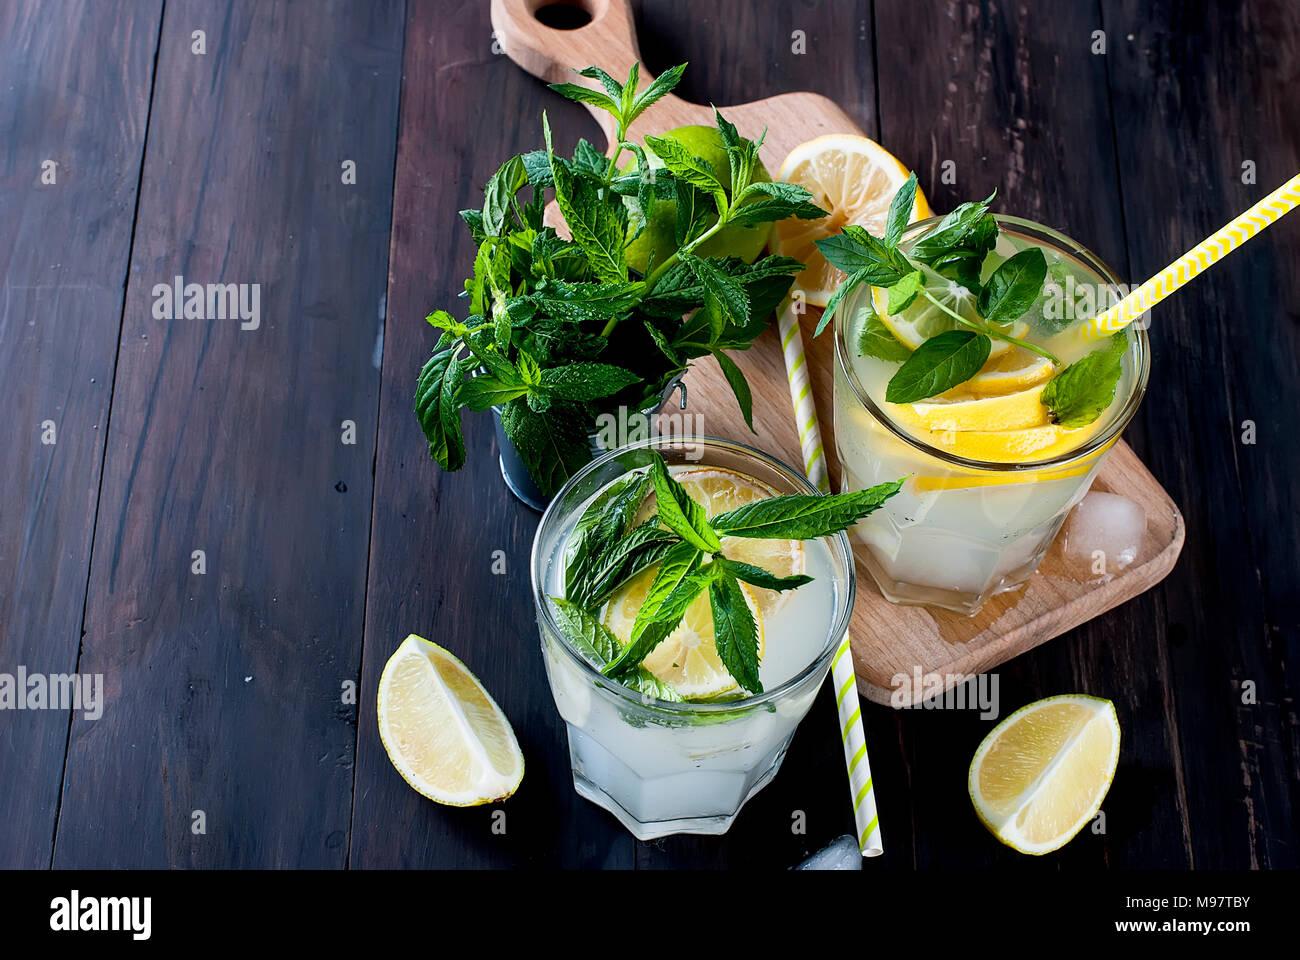 Frische hausgemachte Limonade in Glas mit Eis und Minze. Stockbild